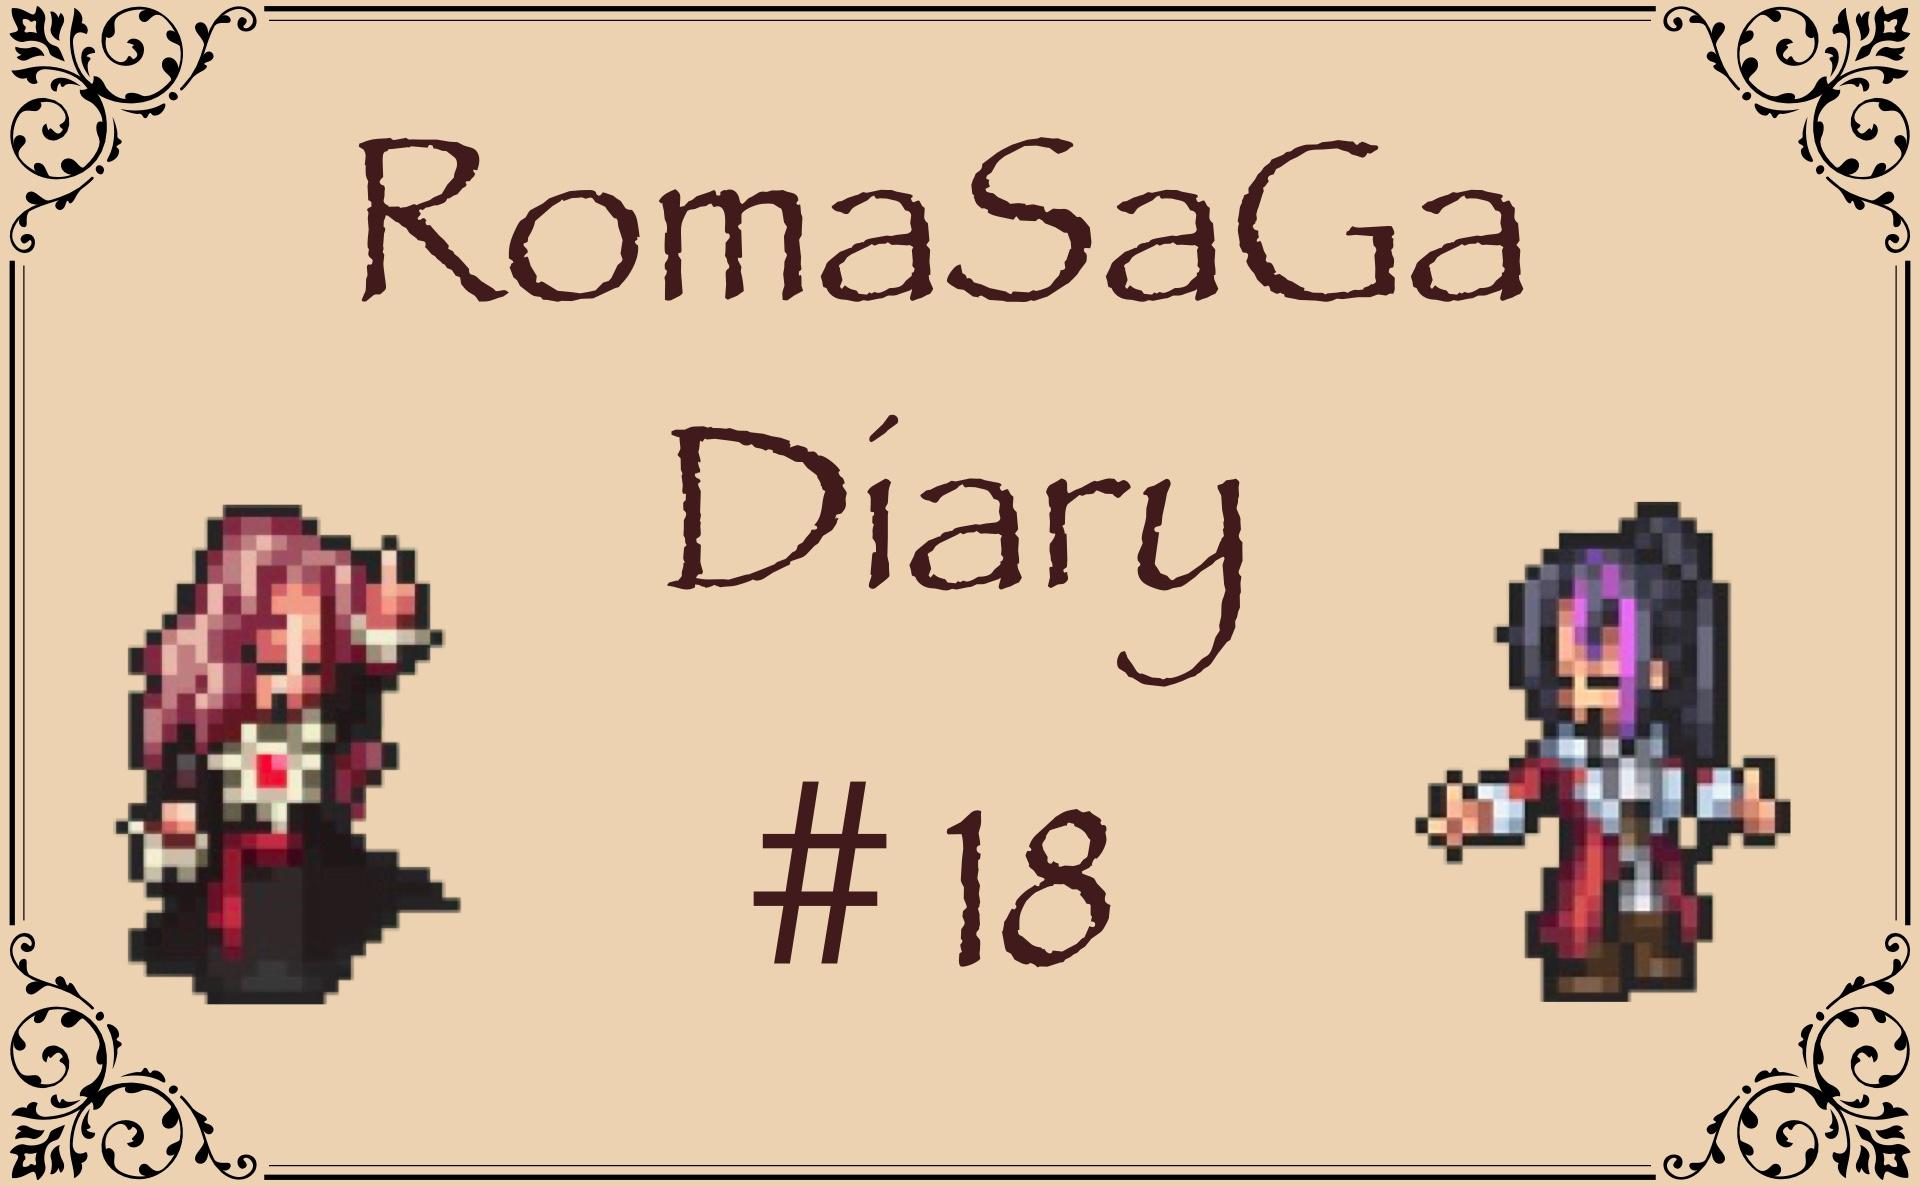 ロマサガDiary#18